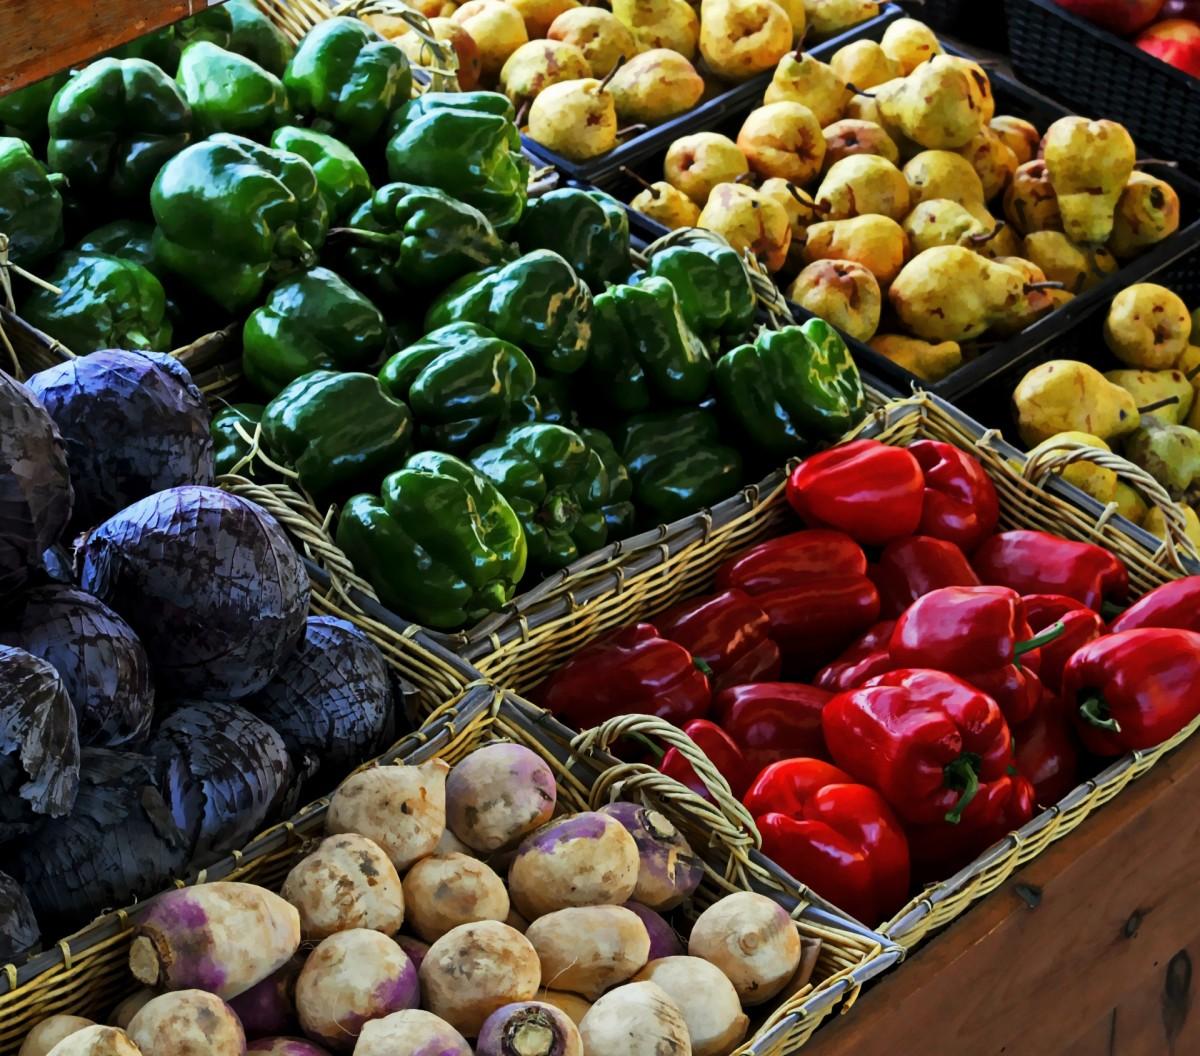 vegetables-that-grow-best-in-pots